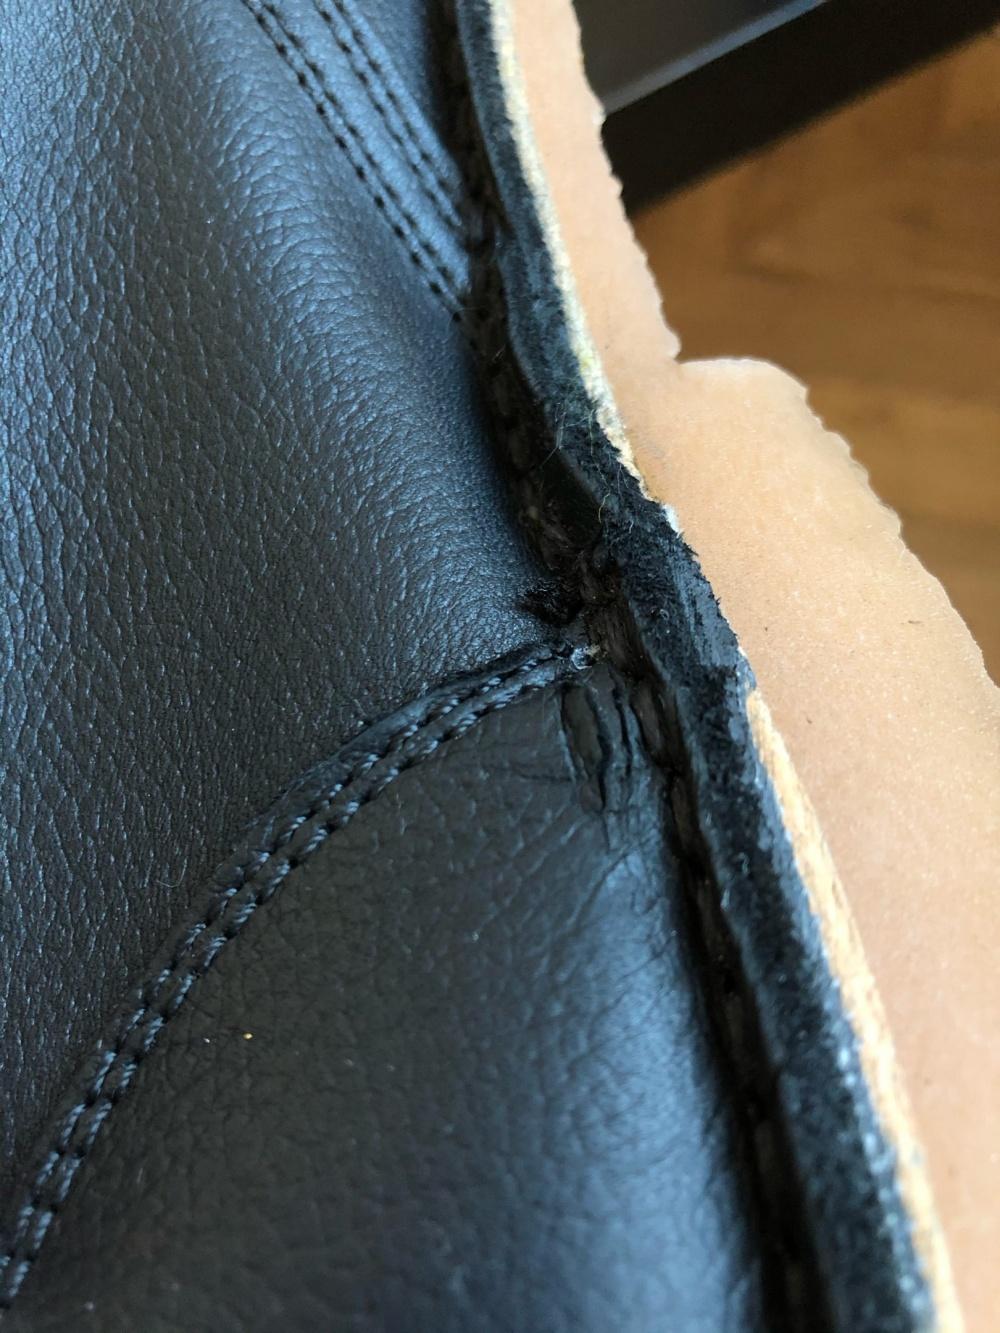 Мужские ботинки STEVE MADDEN, 44 размер